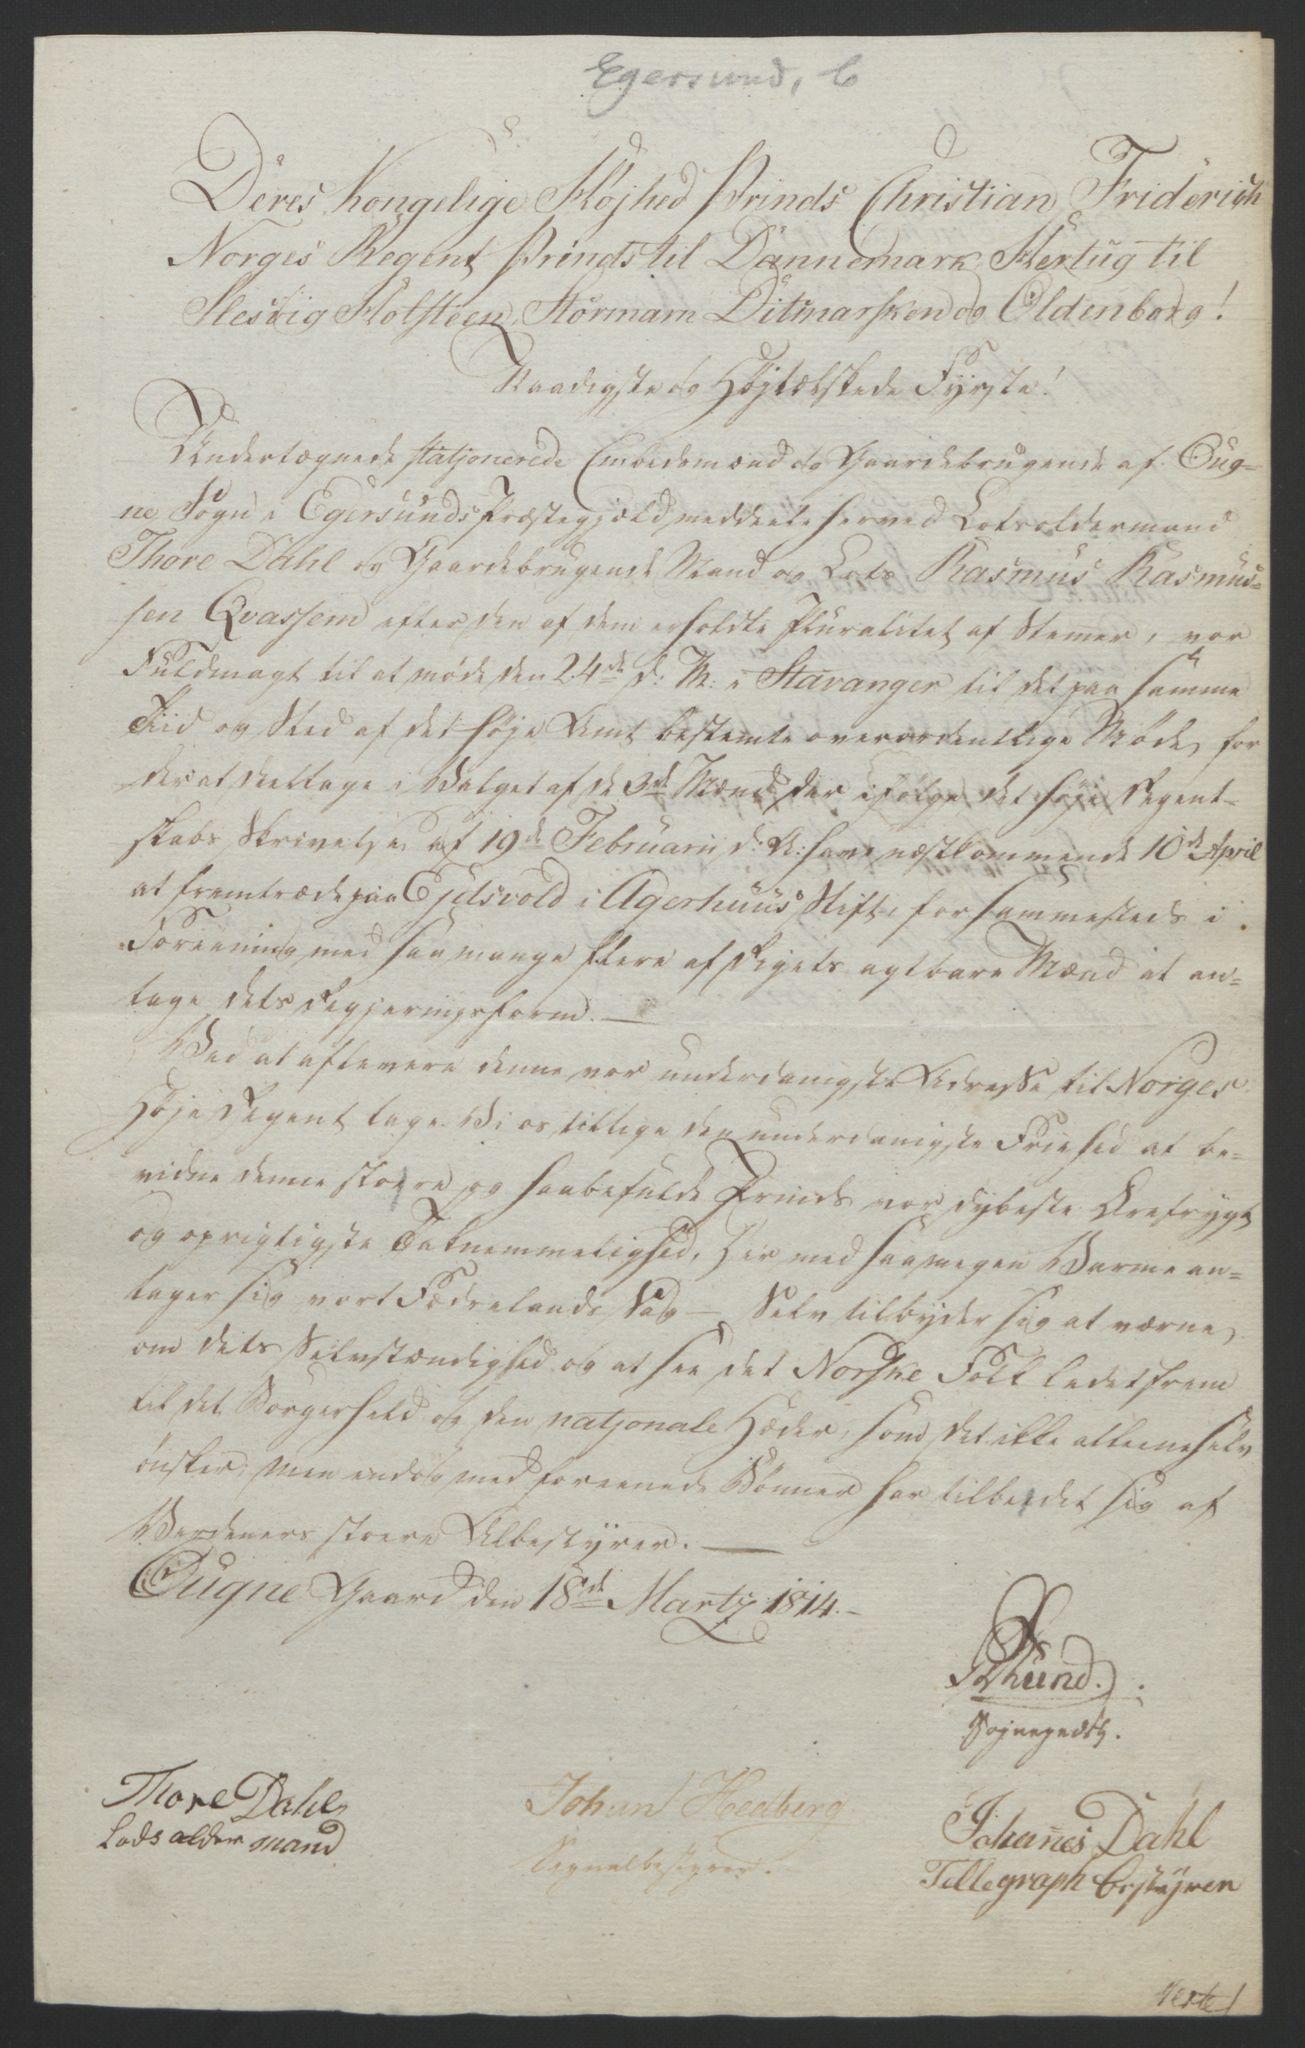 RA, Statsrådssekretariatet, D/Db/L0008: Fullmakter for Eidsvollsrepresentantene i 1814. , 1814, s. 212